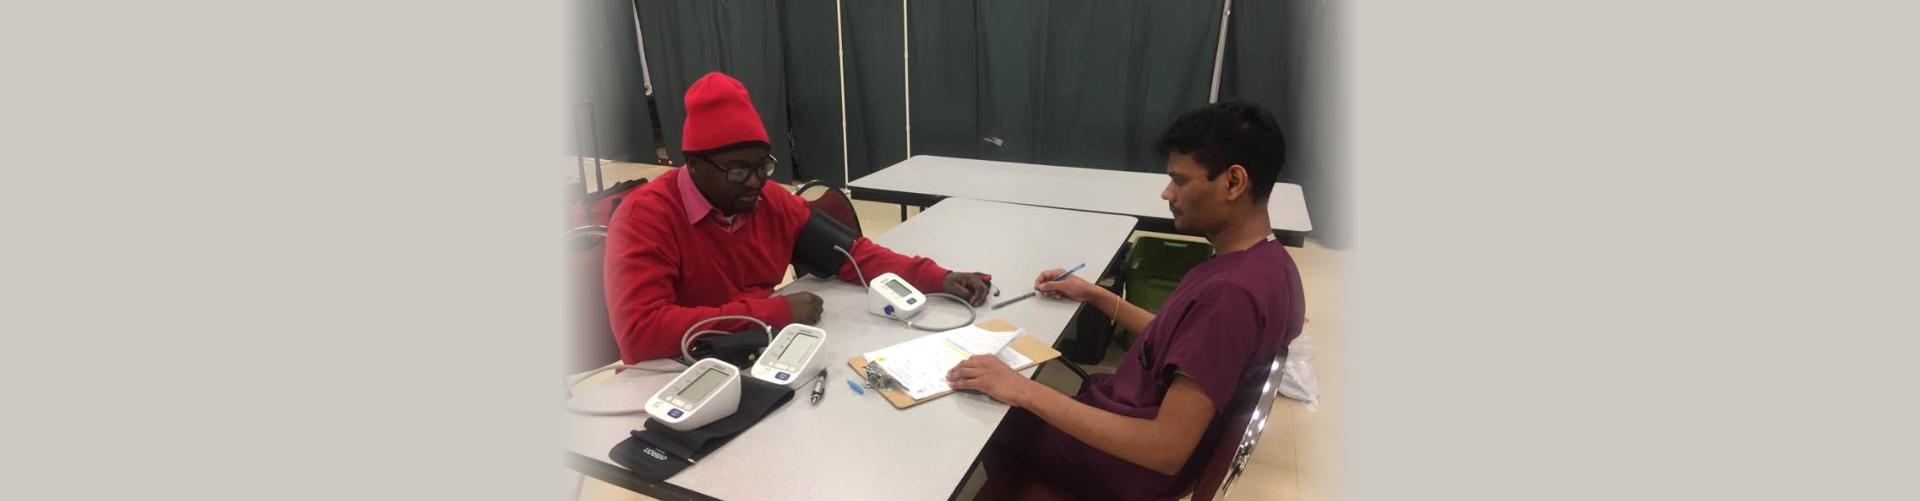 patient undergoing consultation